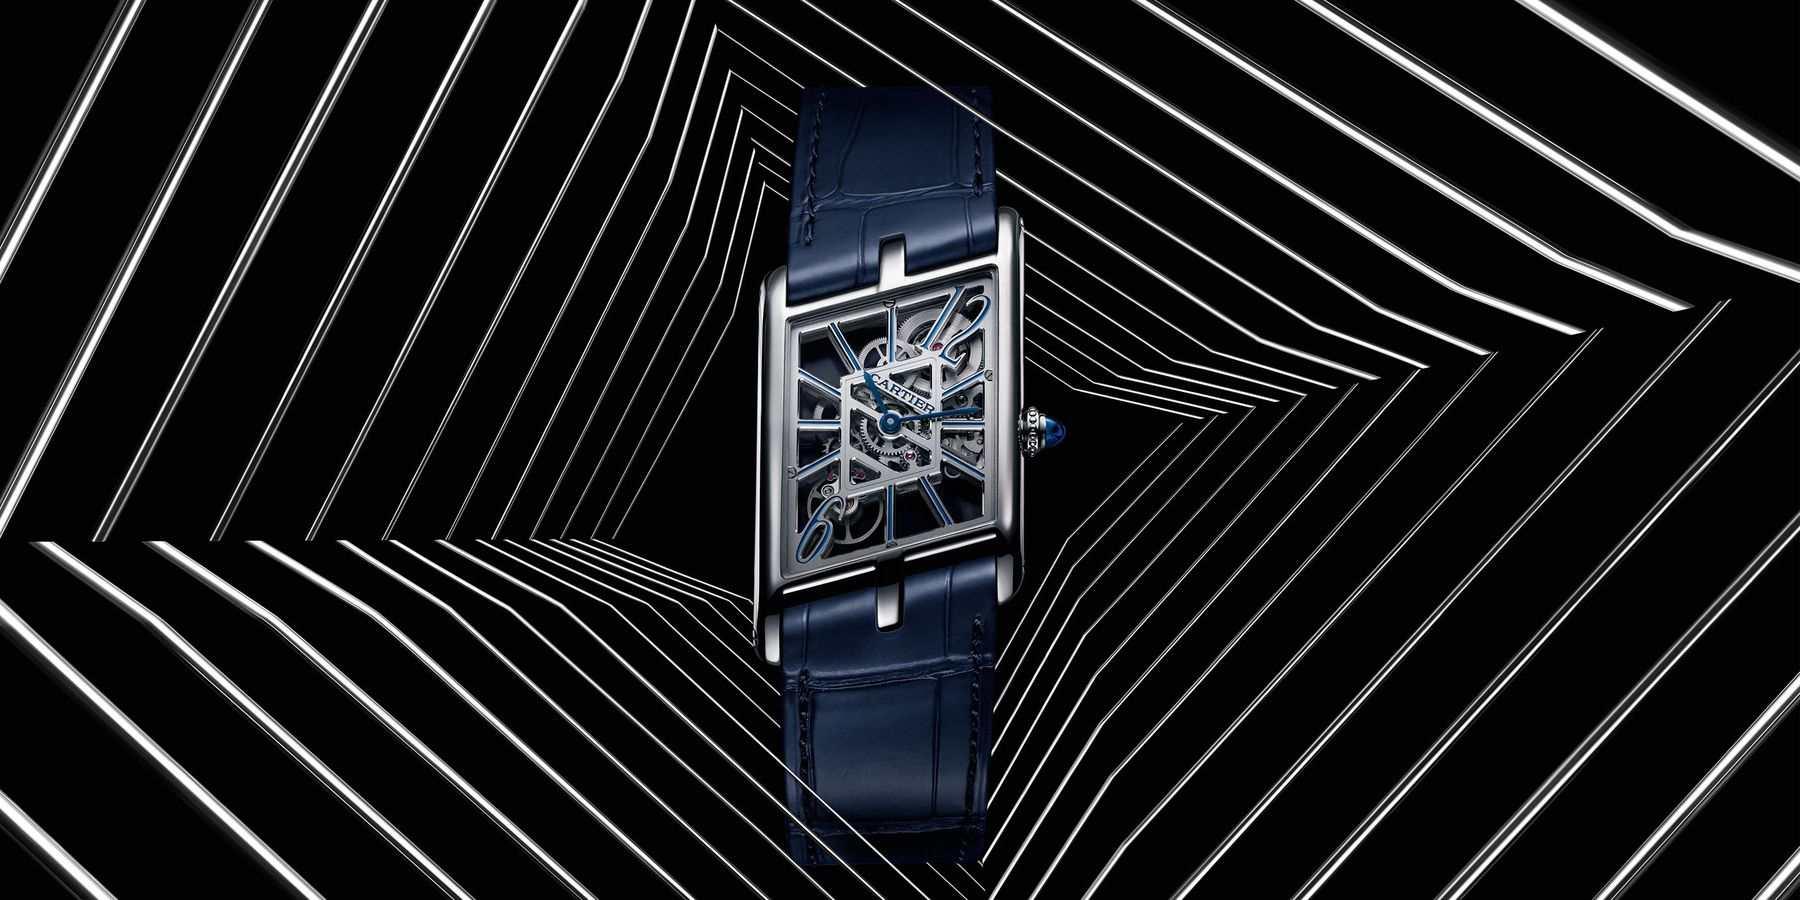 【2020線上錶展】別於傳統,獨樹一格:卡地亞Tank Asymétrique腕錶